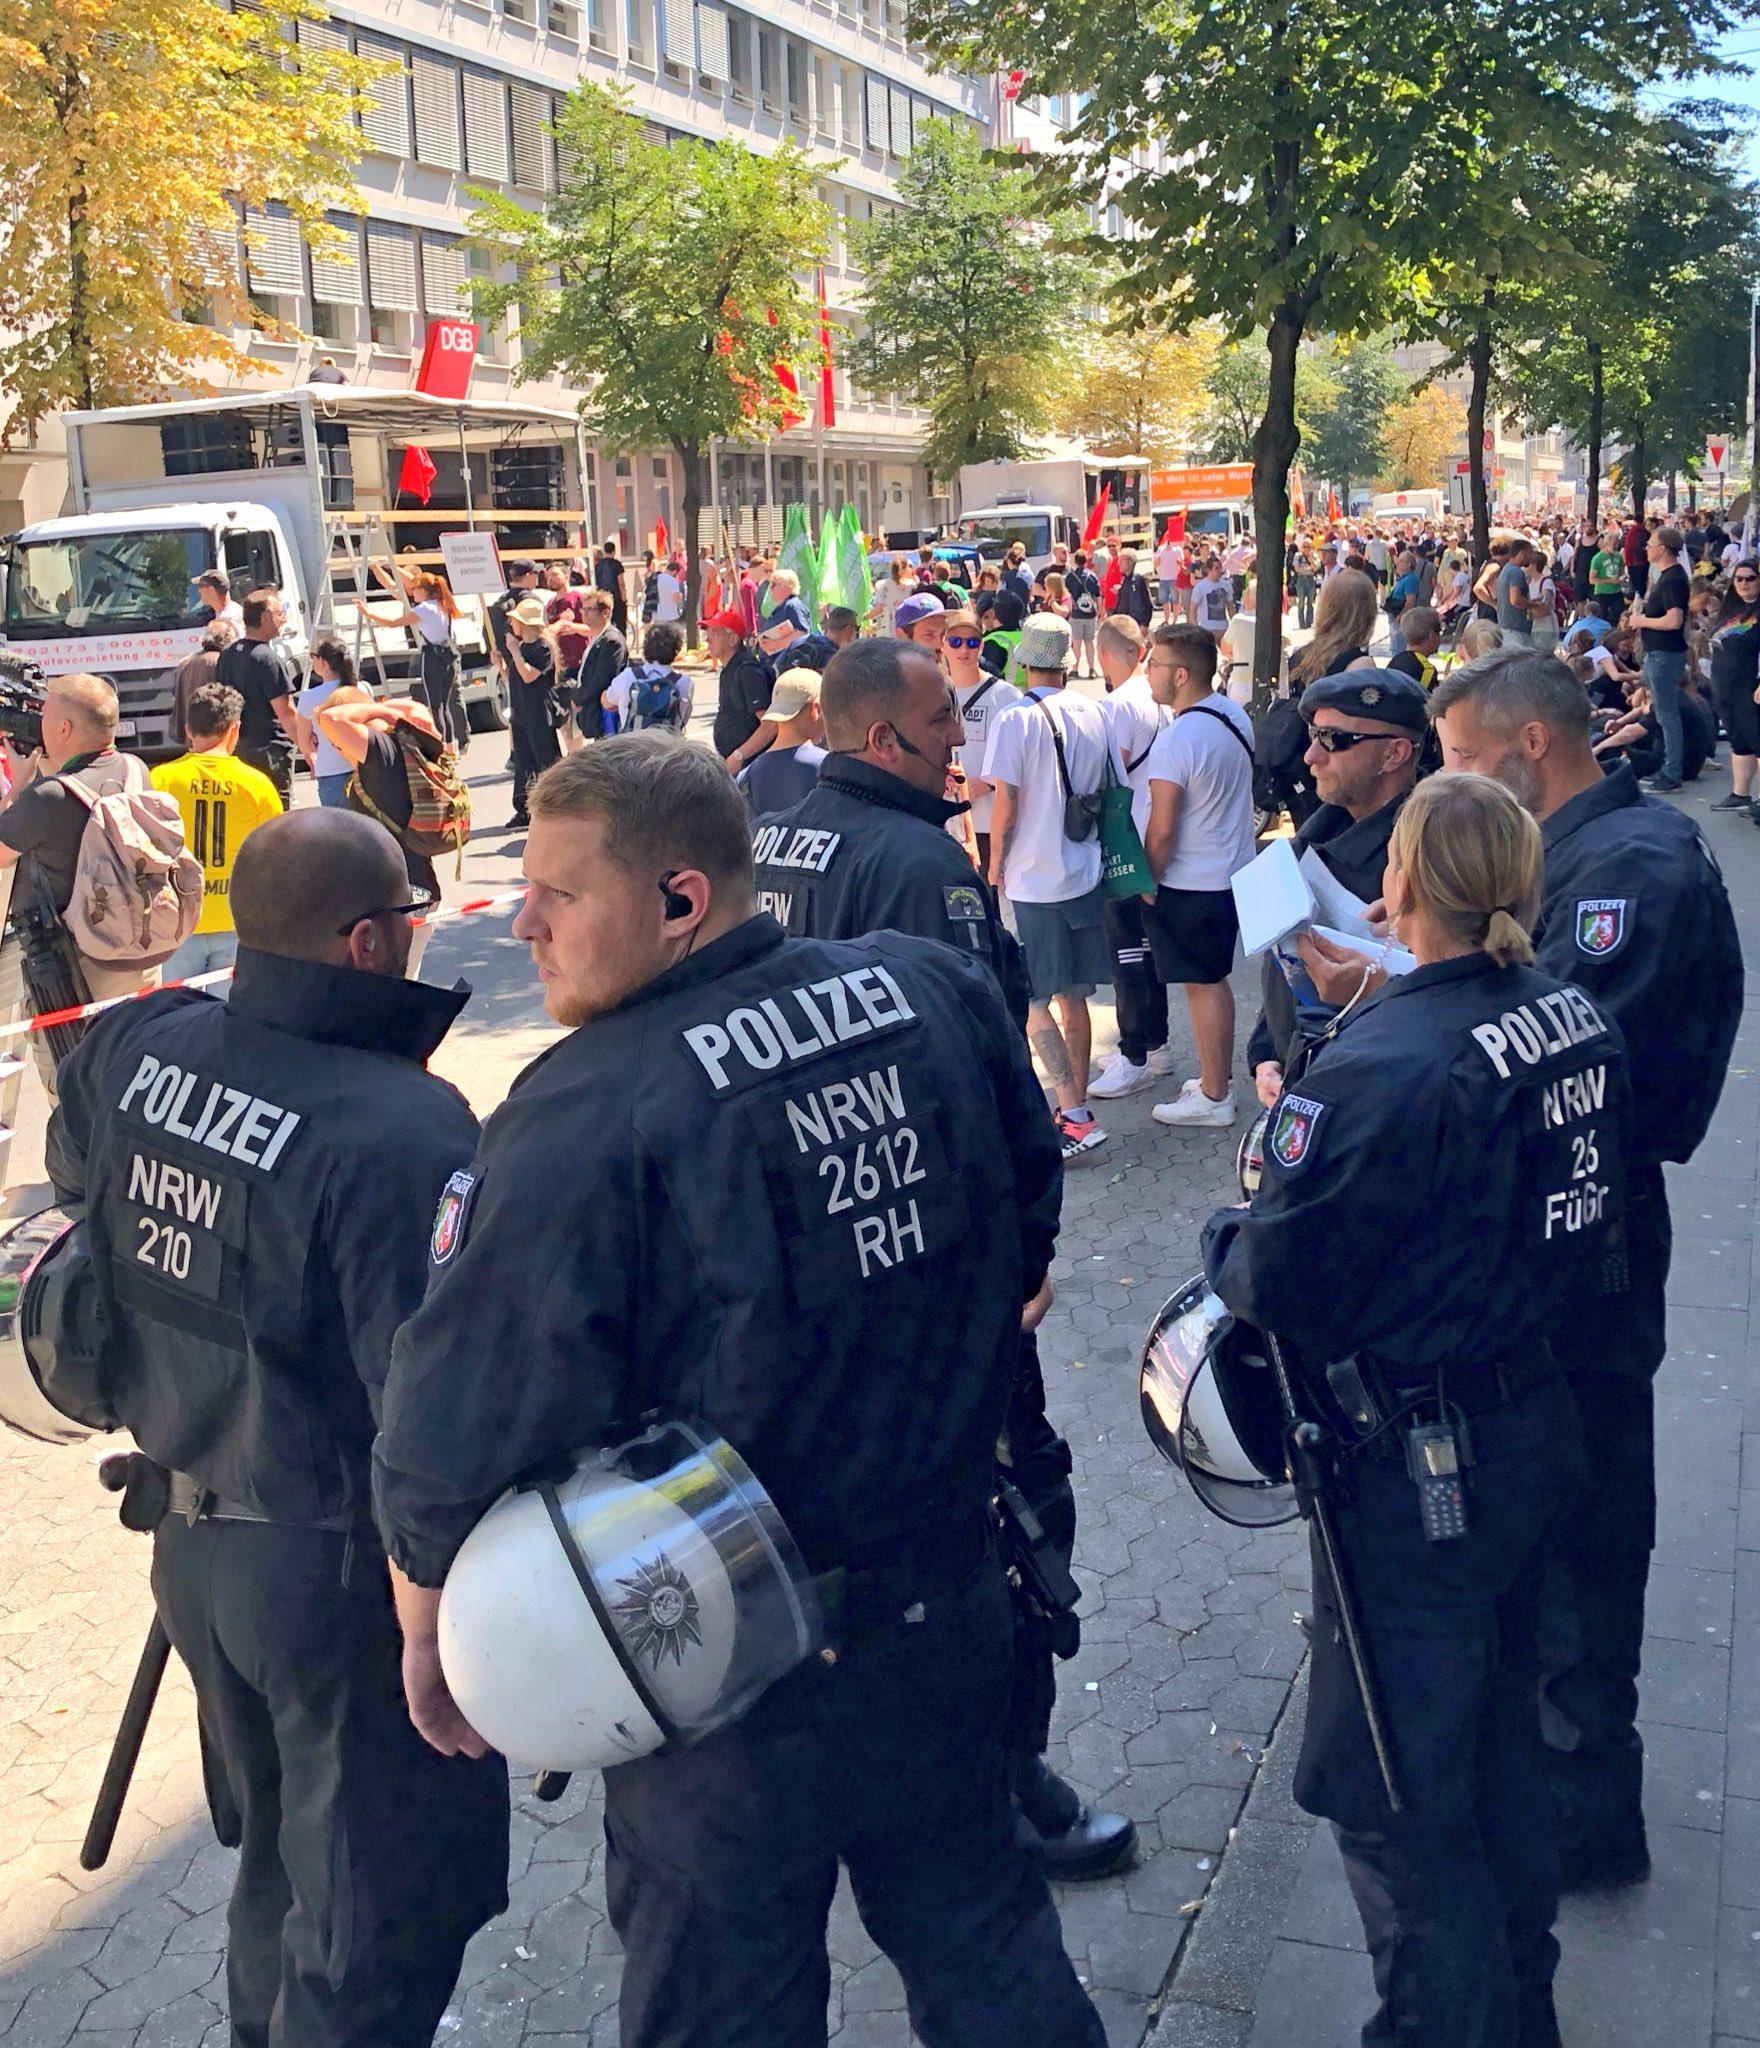 Demo Düsseldorf Polizeigesetz